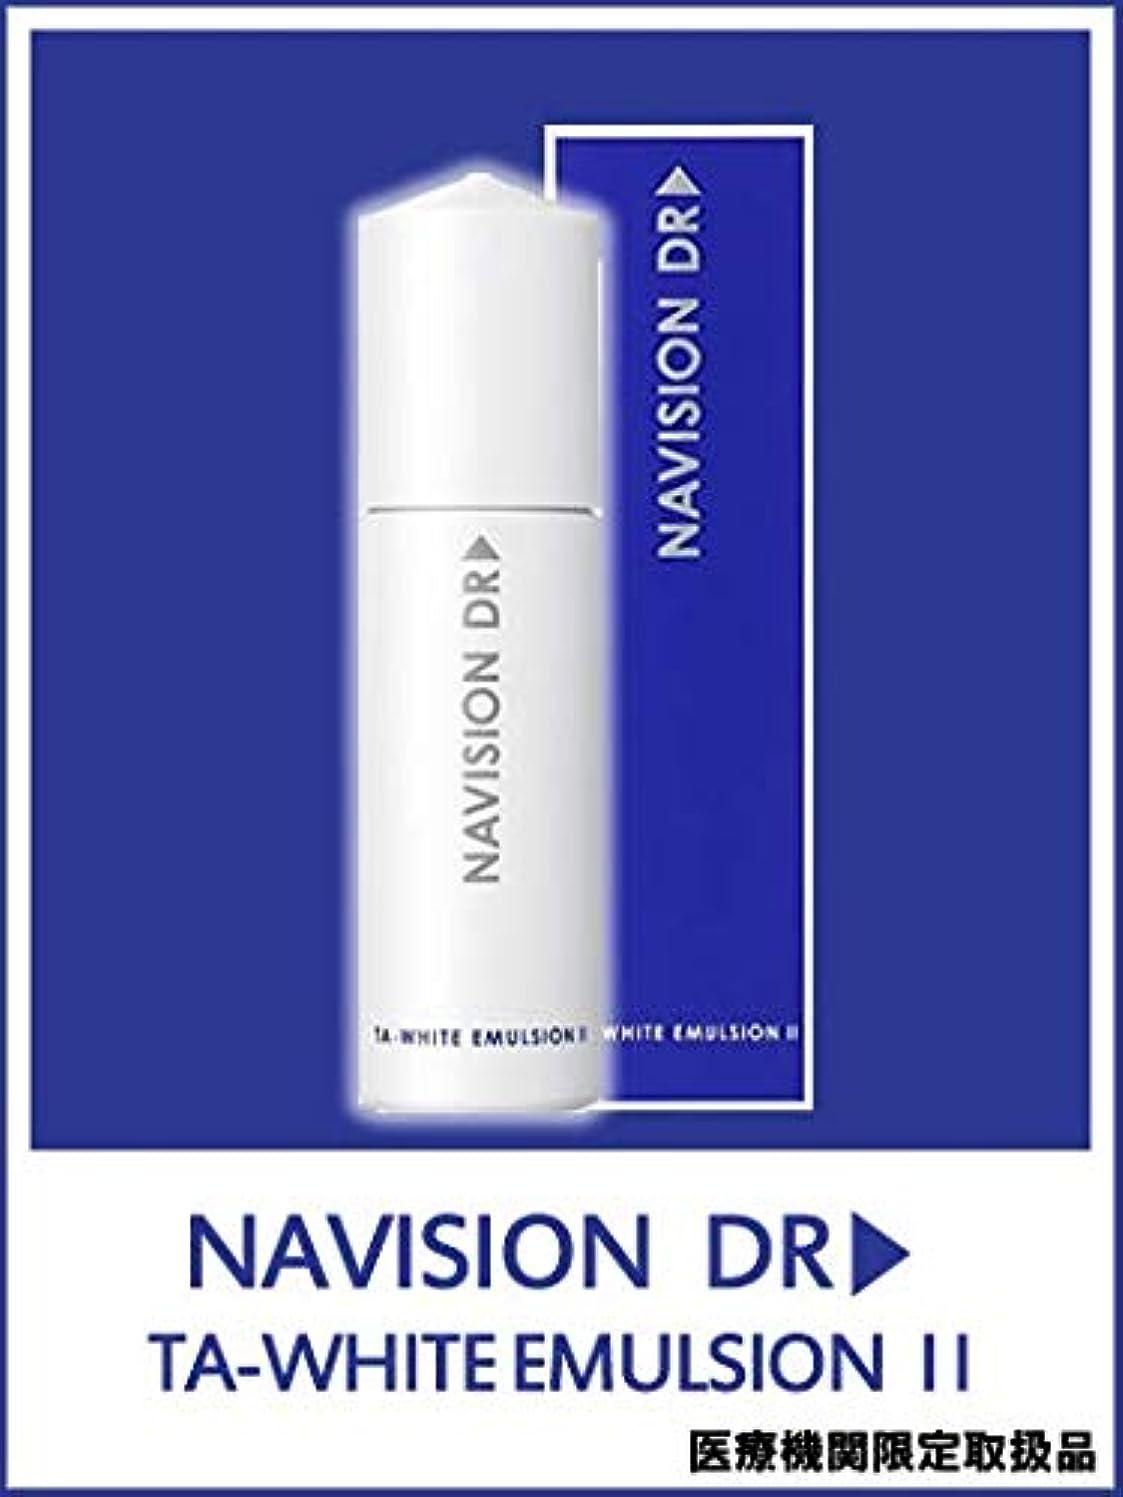 医薬サークル太字NAVISION DR? ナビジョンDR TAホワイトエマルジョンⅡnしっとりうるおうタイプ(医薬部外品) 120mL